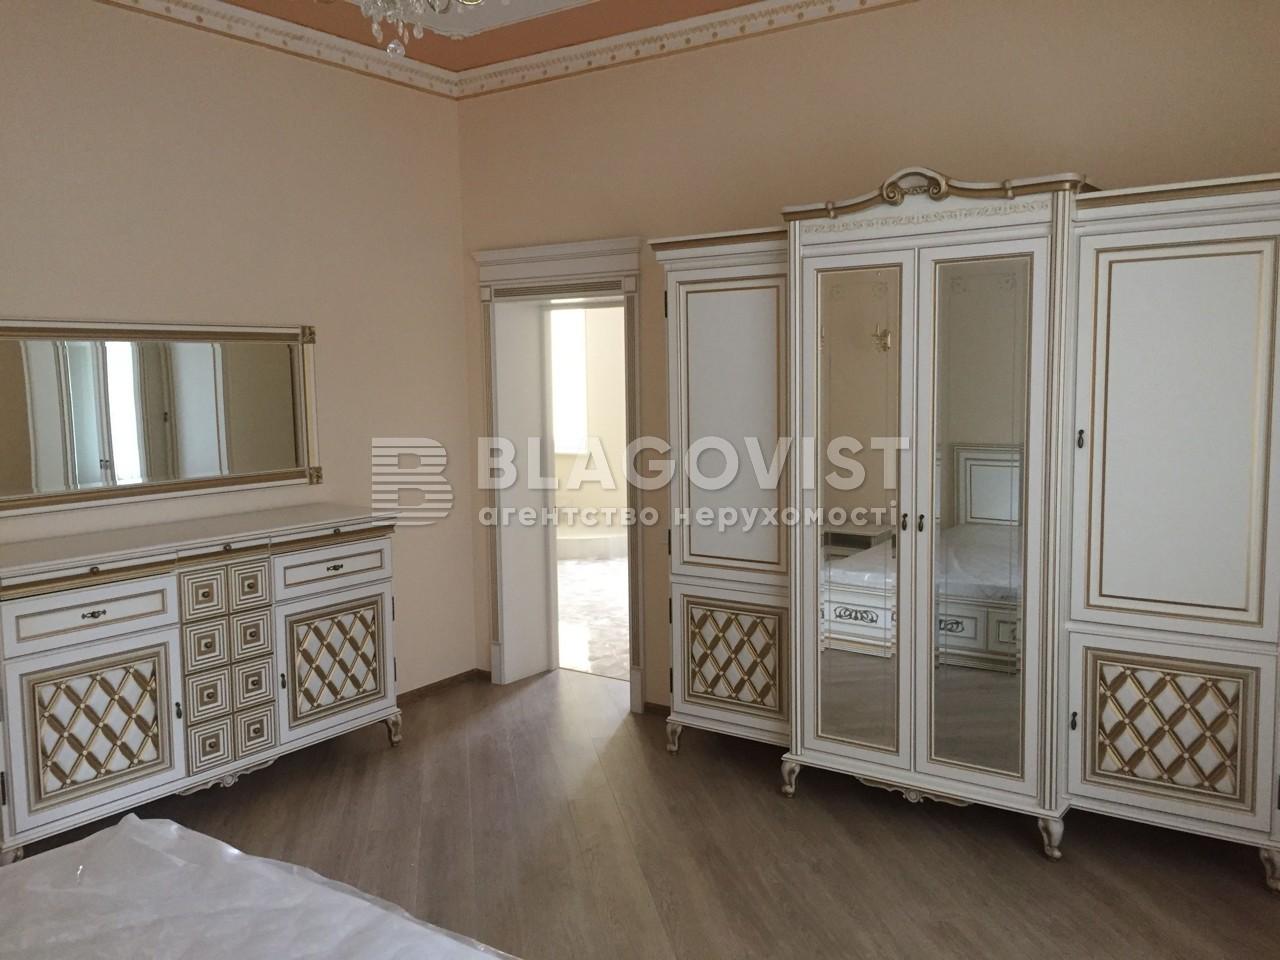 Дом R-22132, Ольшанская, Киев - Фото 5